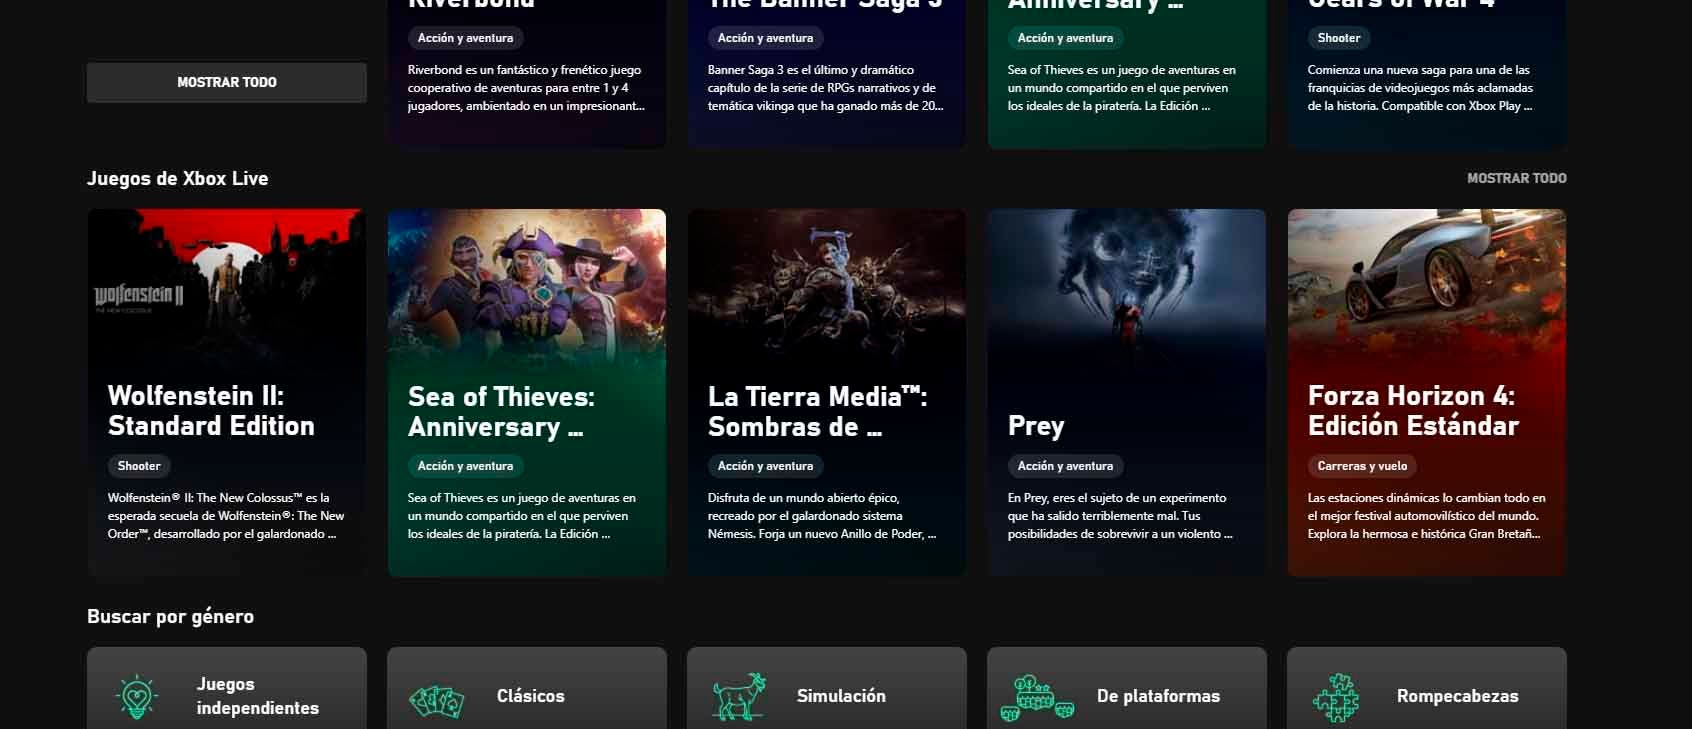 La aplicación de Xbox Game Pass de PC se actualiza para mostrar los juegos de Xbox Live